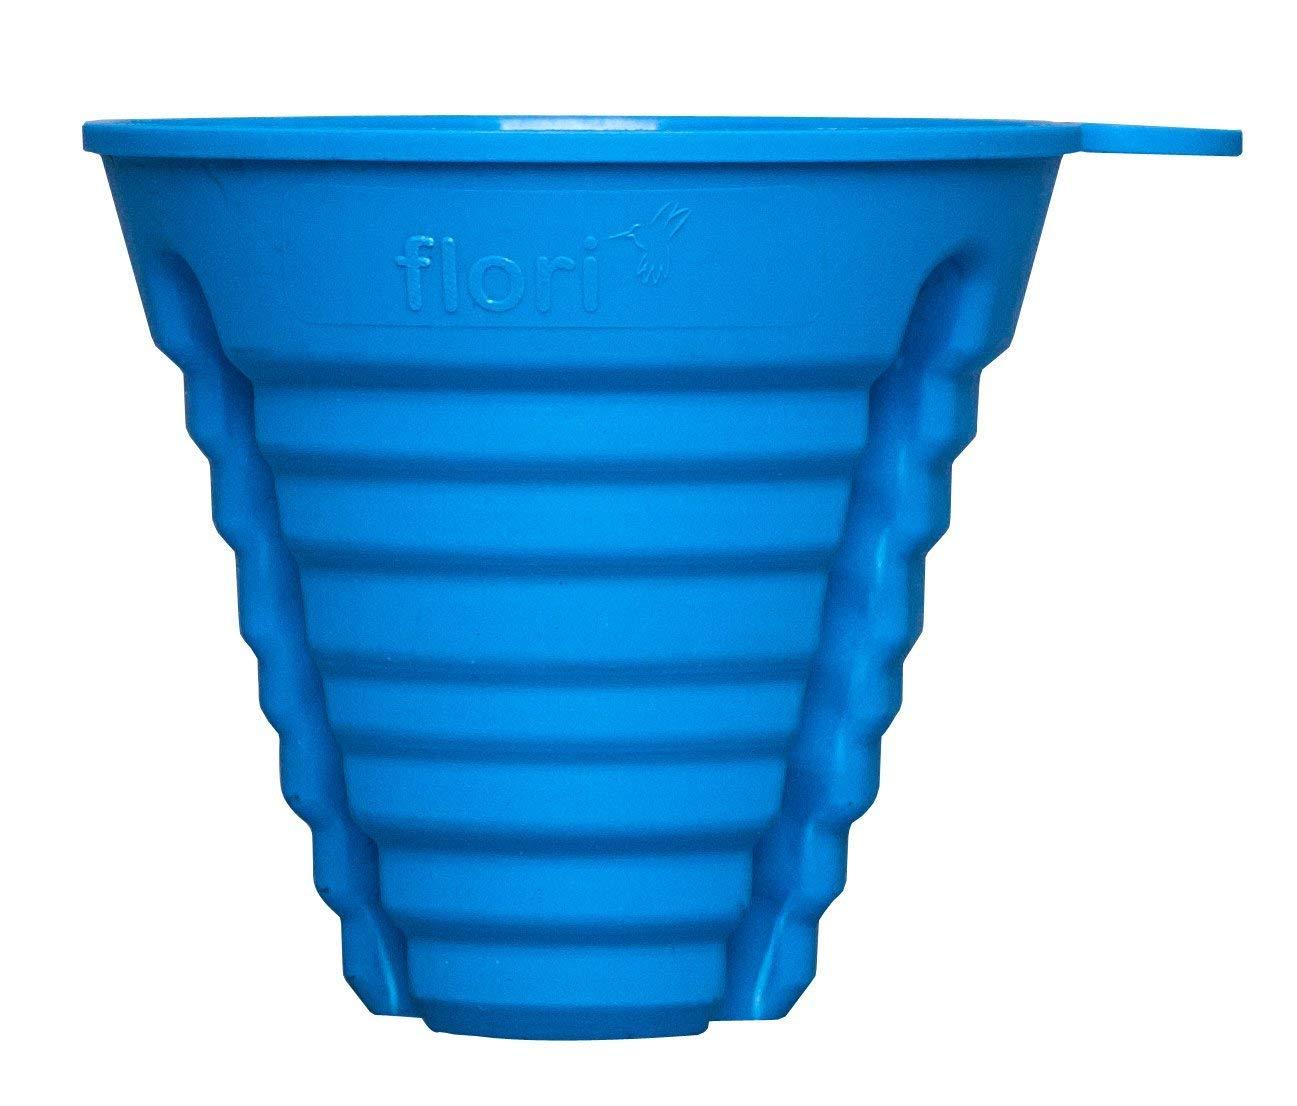 blau 2er Set steckfest f/ür 7 verschiedene Durchmesser 100/% Made in Germany Flori Baby Multi Trichter f/ür pr/äzises Bef/üllen von alle Babyflaschen ohne sie festzuhalten BPA frei